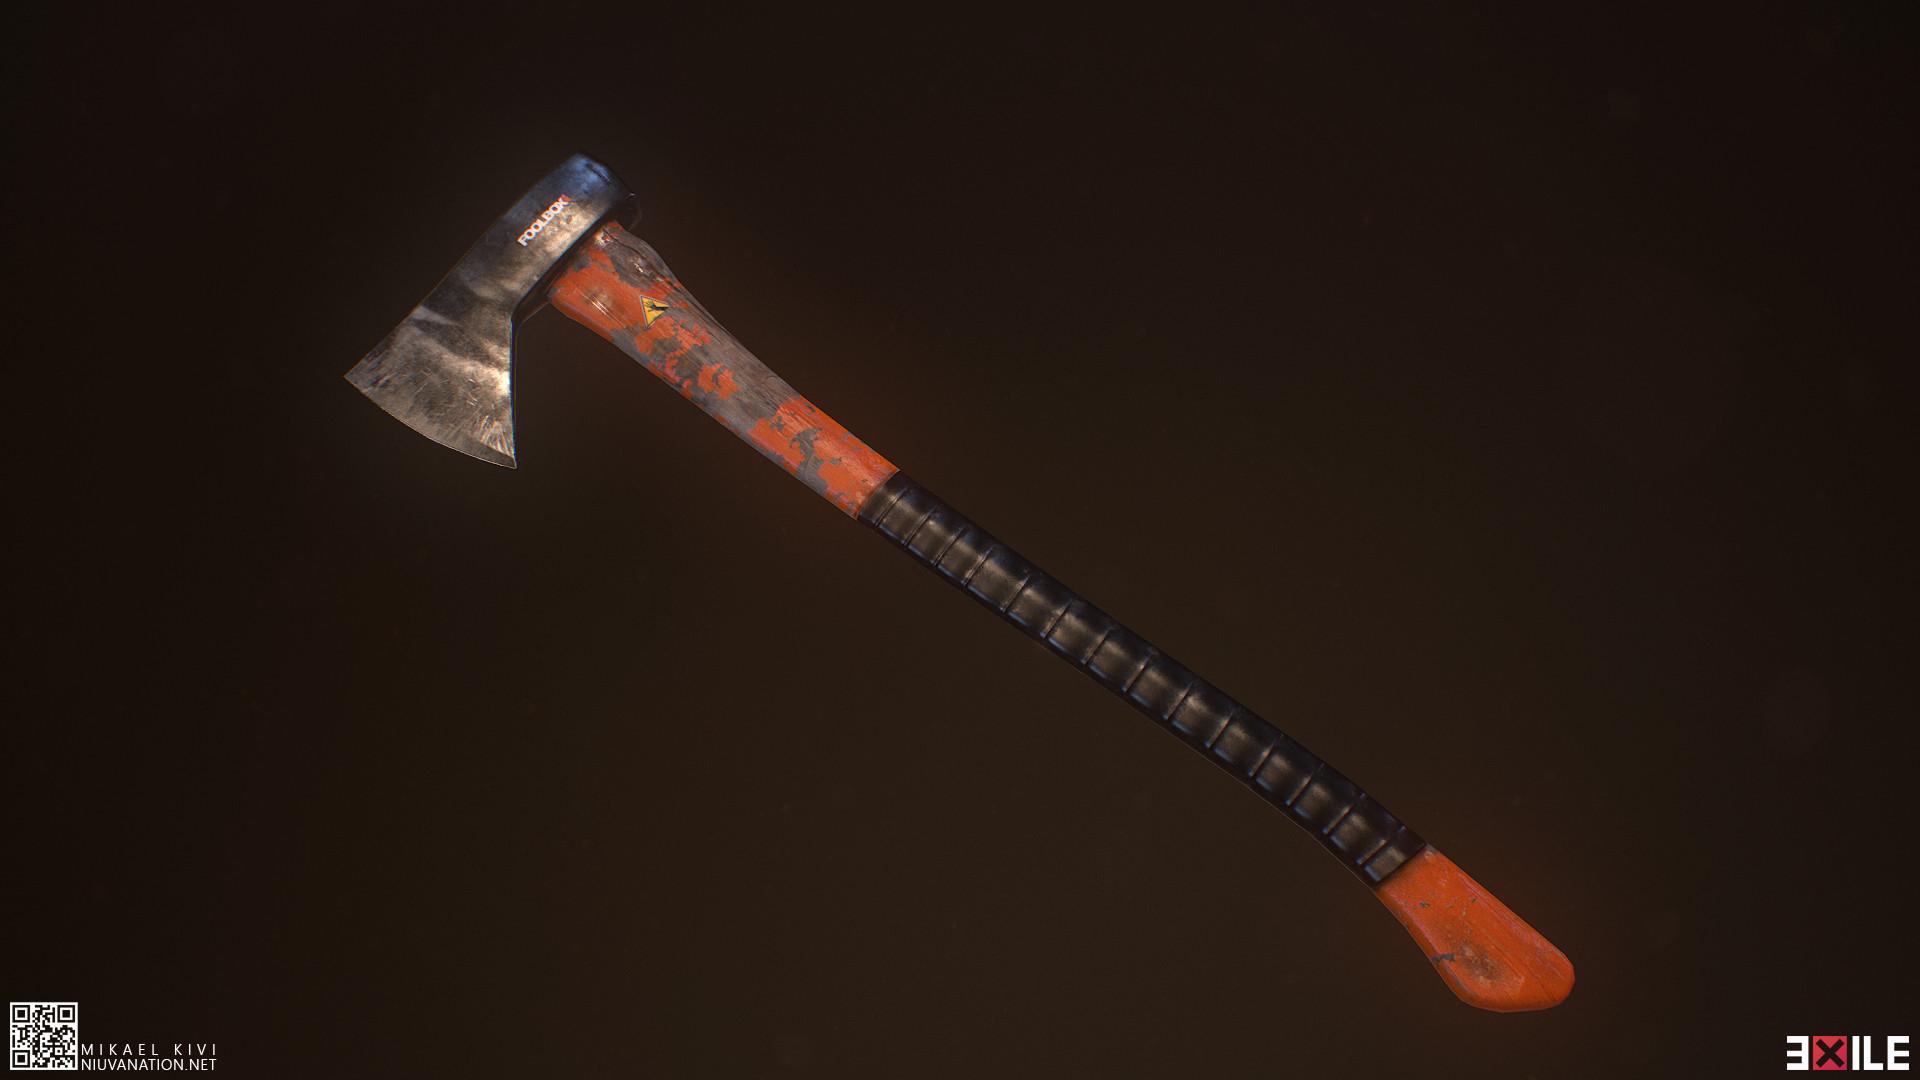 Mikael kivi exile axe02